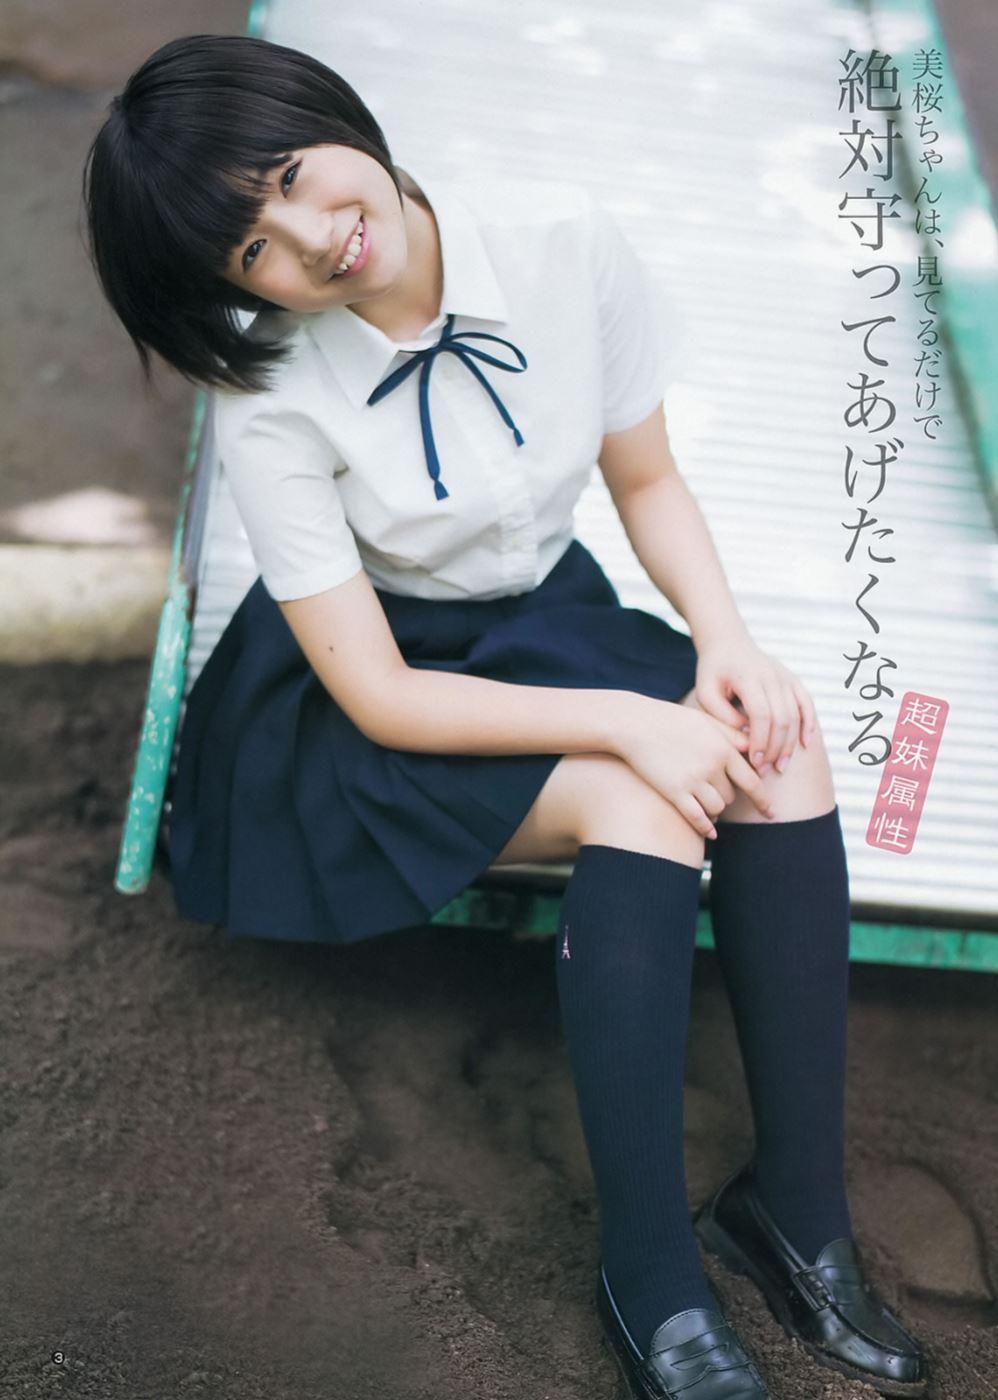 朝長美桜 画像 8